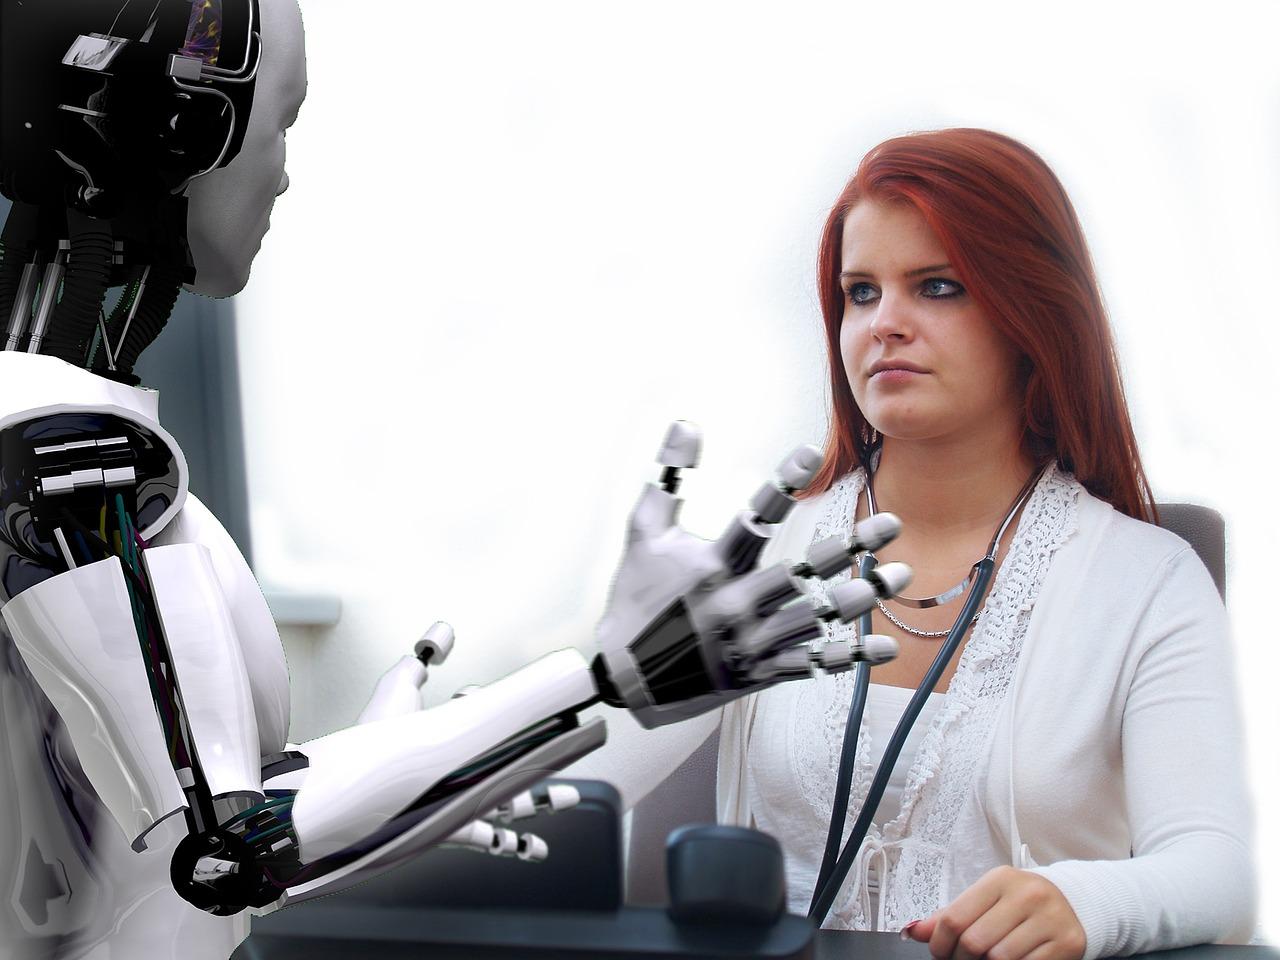 bot, chatbot, doctor, medicine